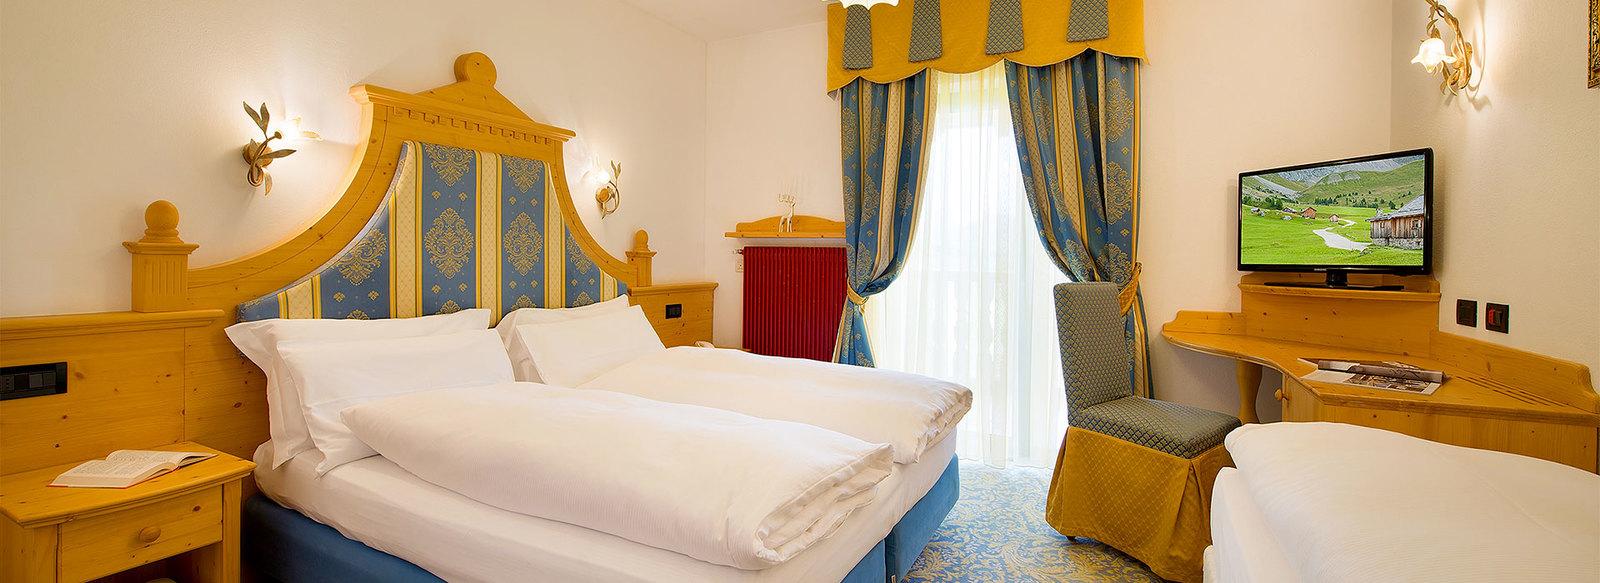 Storico ed elegante hotel 3*S nel cuore della Val di Fassa